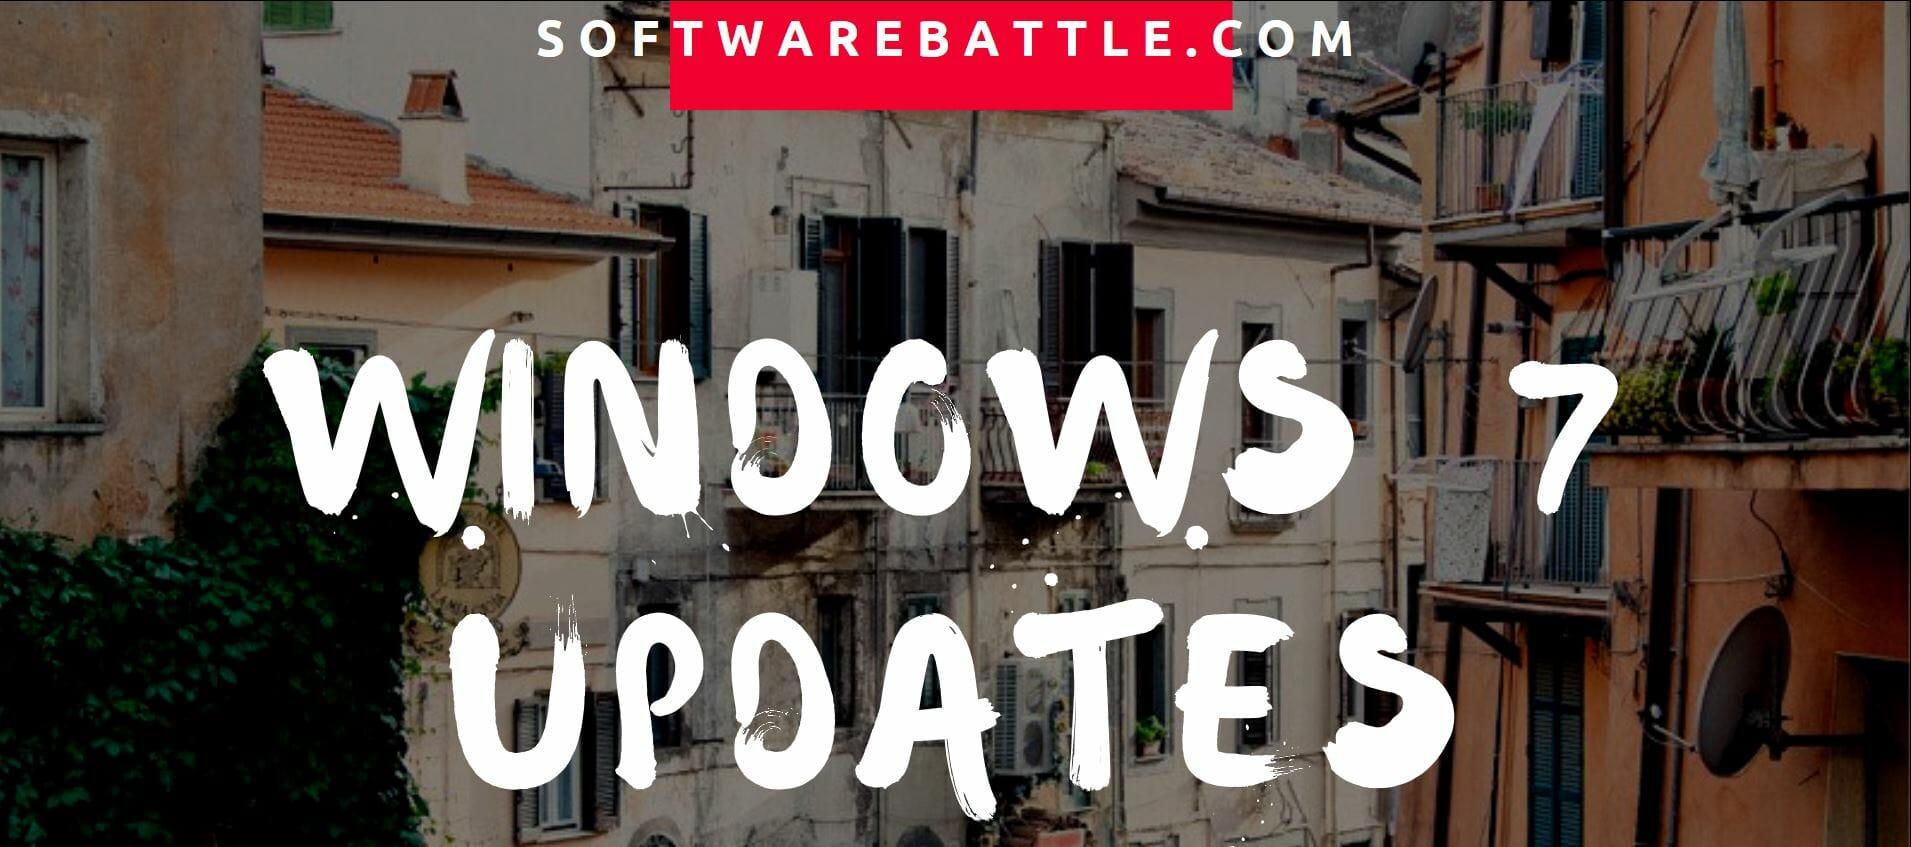 windows 7 update software